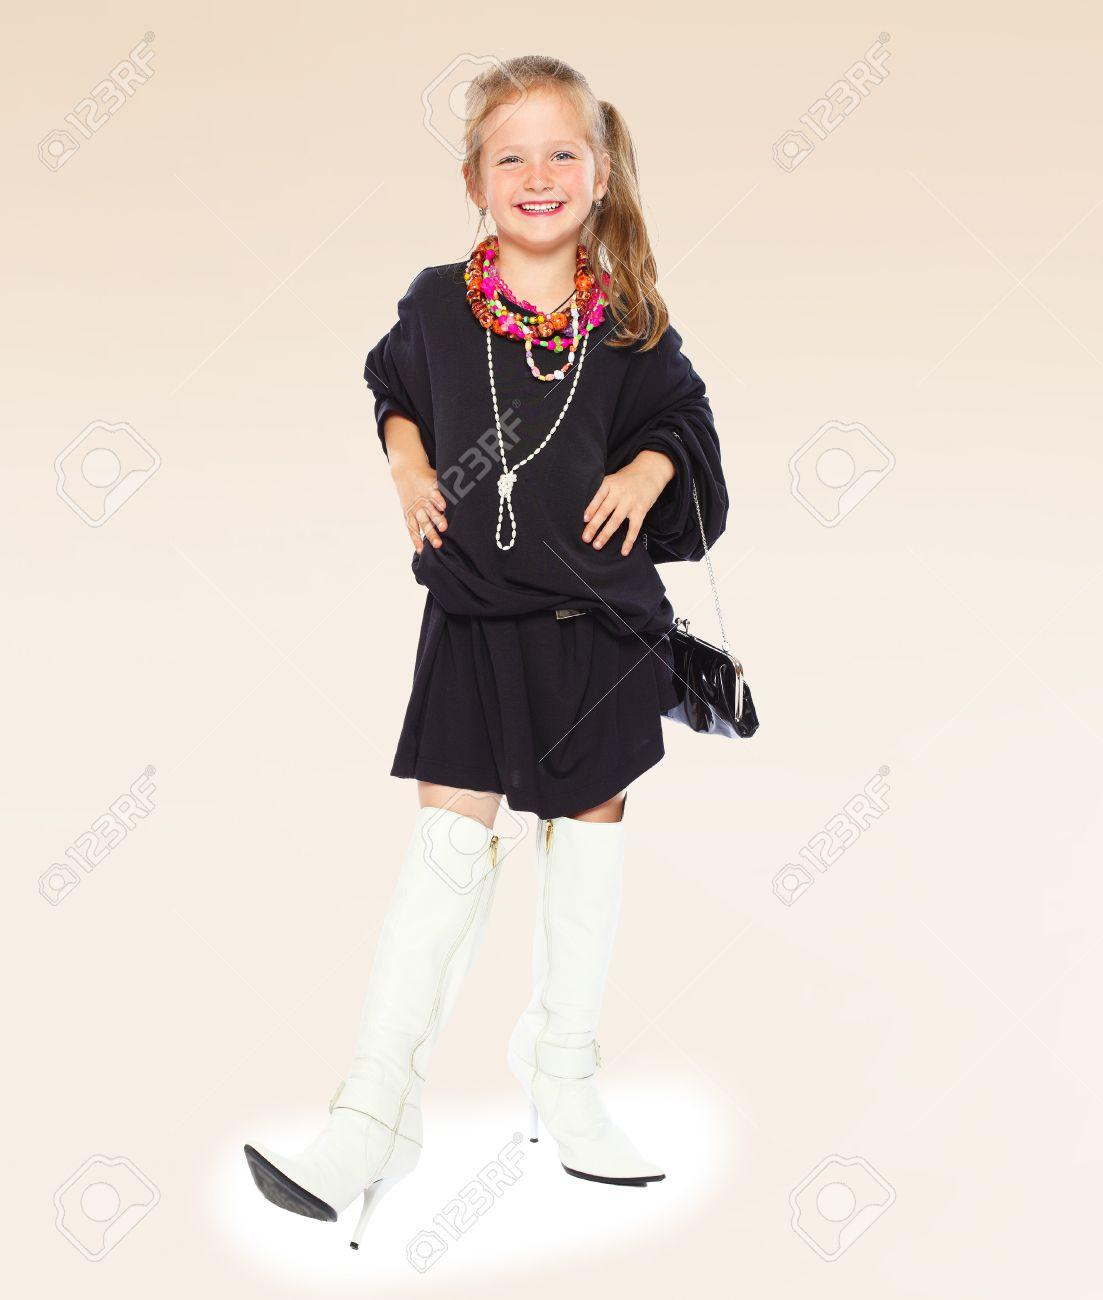 Niña De Moda Con Un Vestido Negro Y Botas Largas De Alta Suela